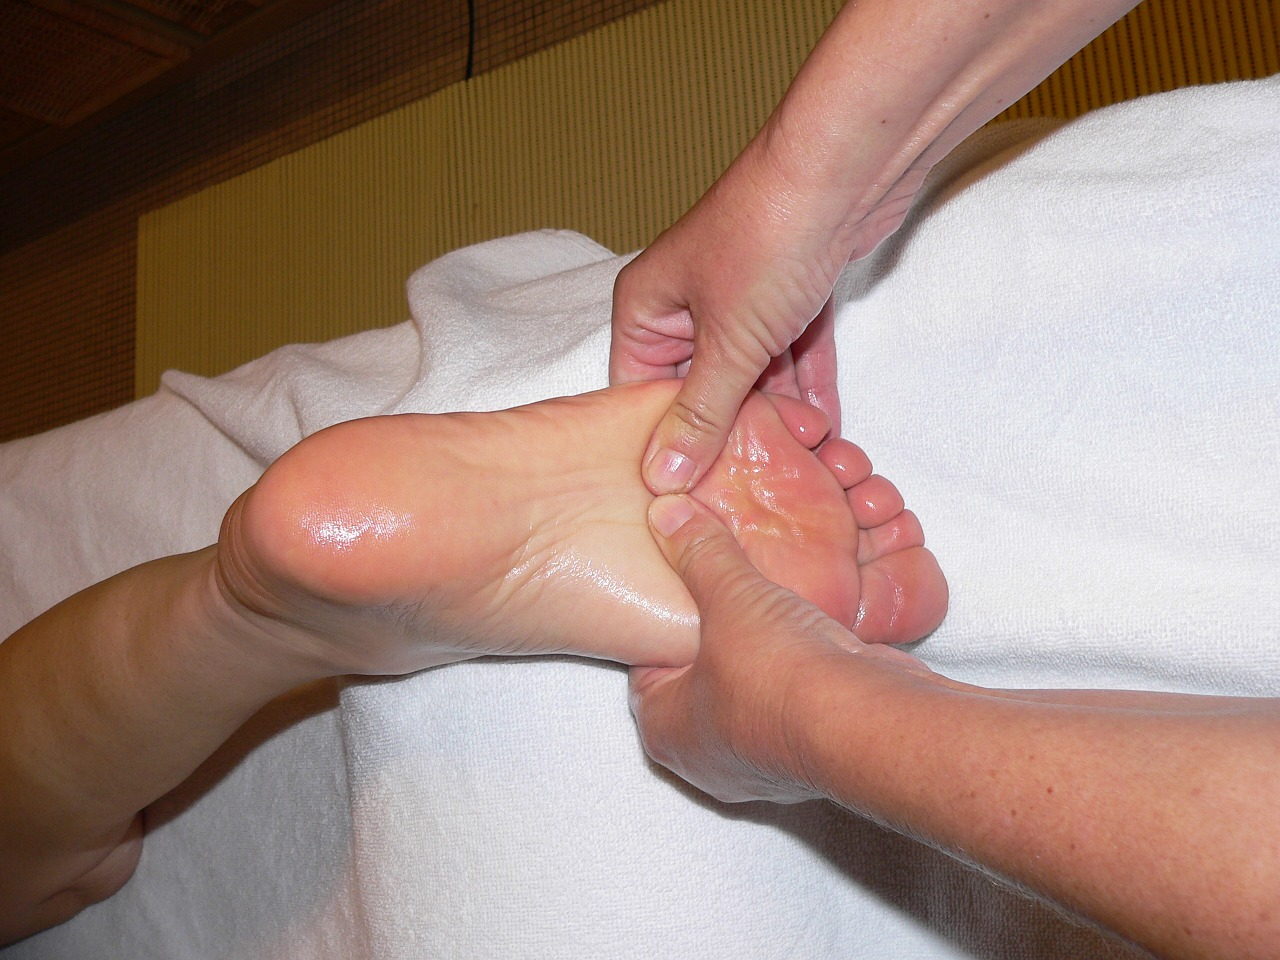 foot-740206_1280